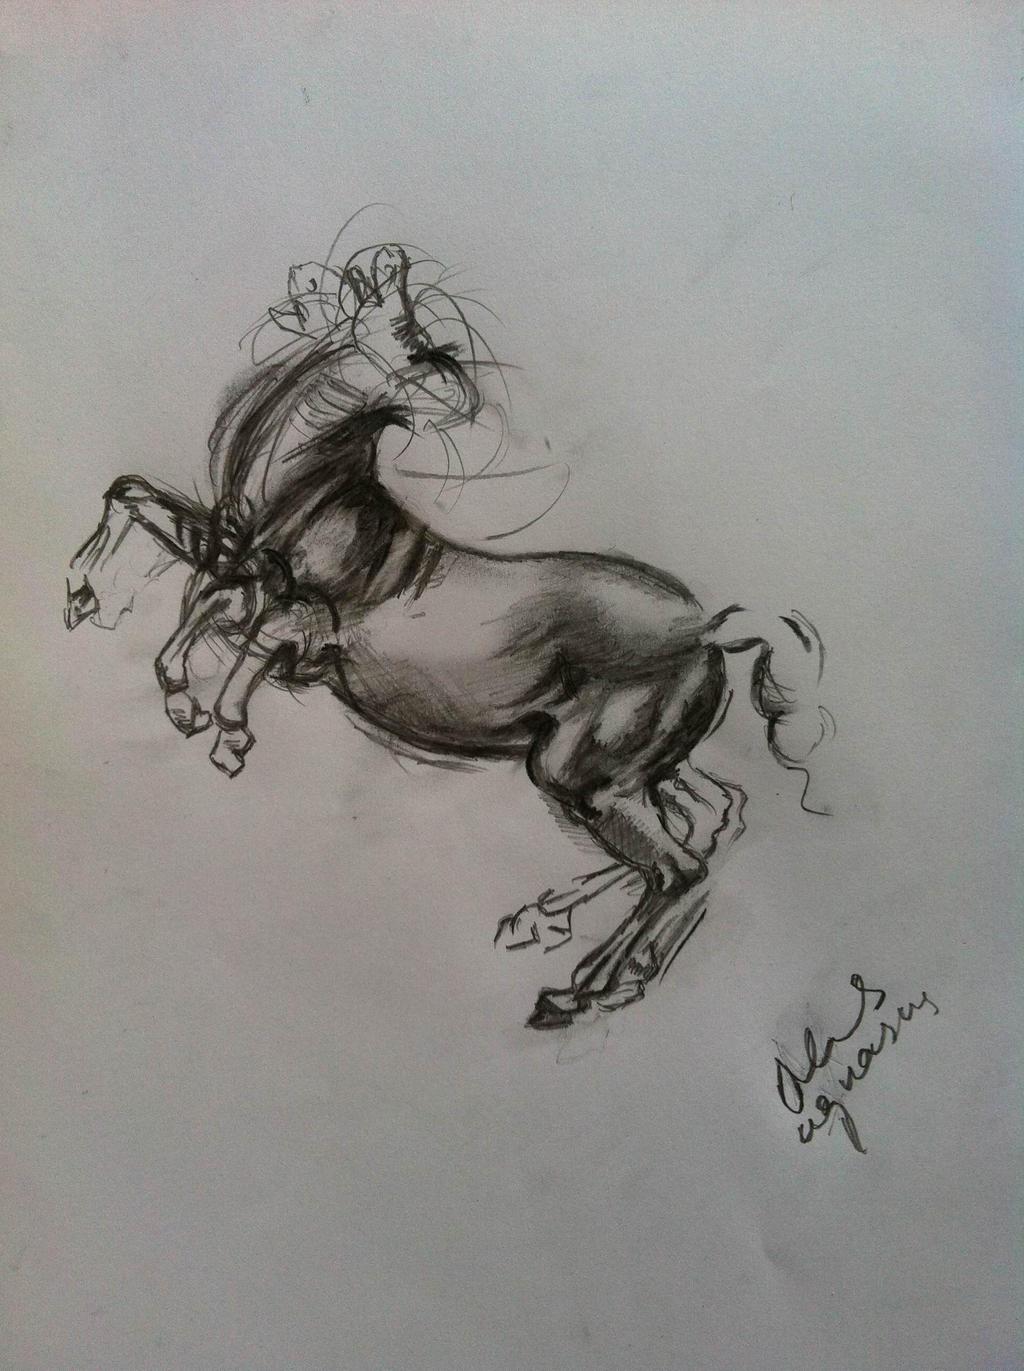 Rearing Horse - Leonardo da Vicni by Maheen-S